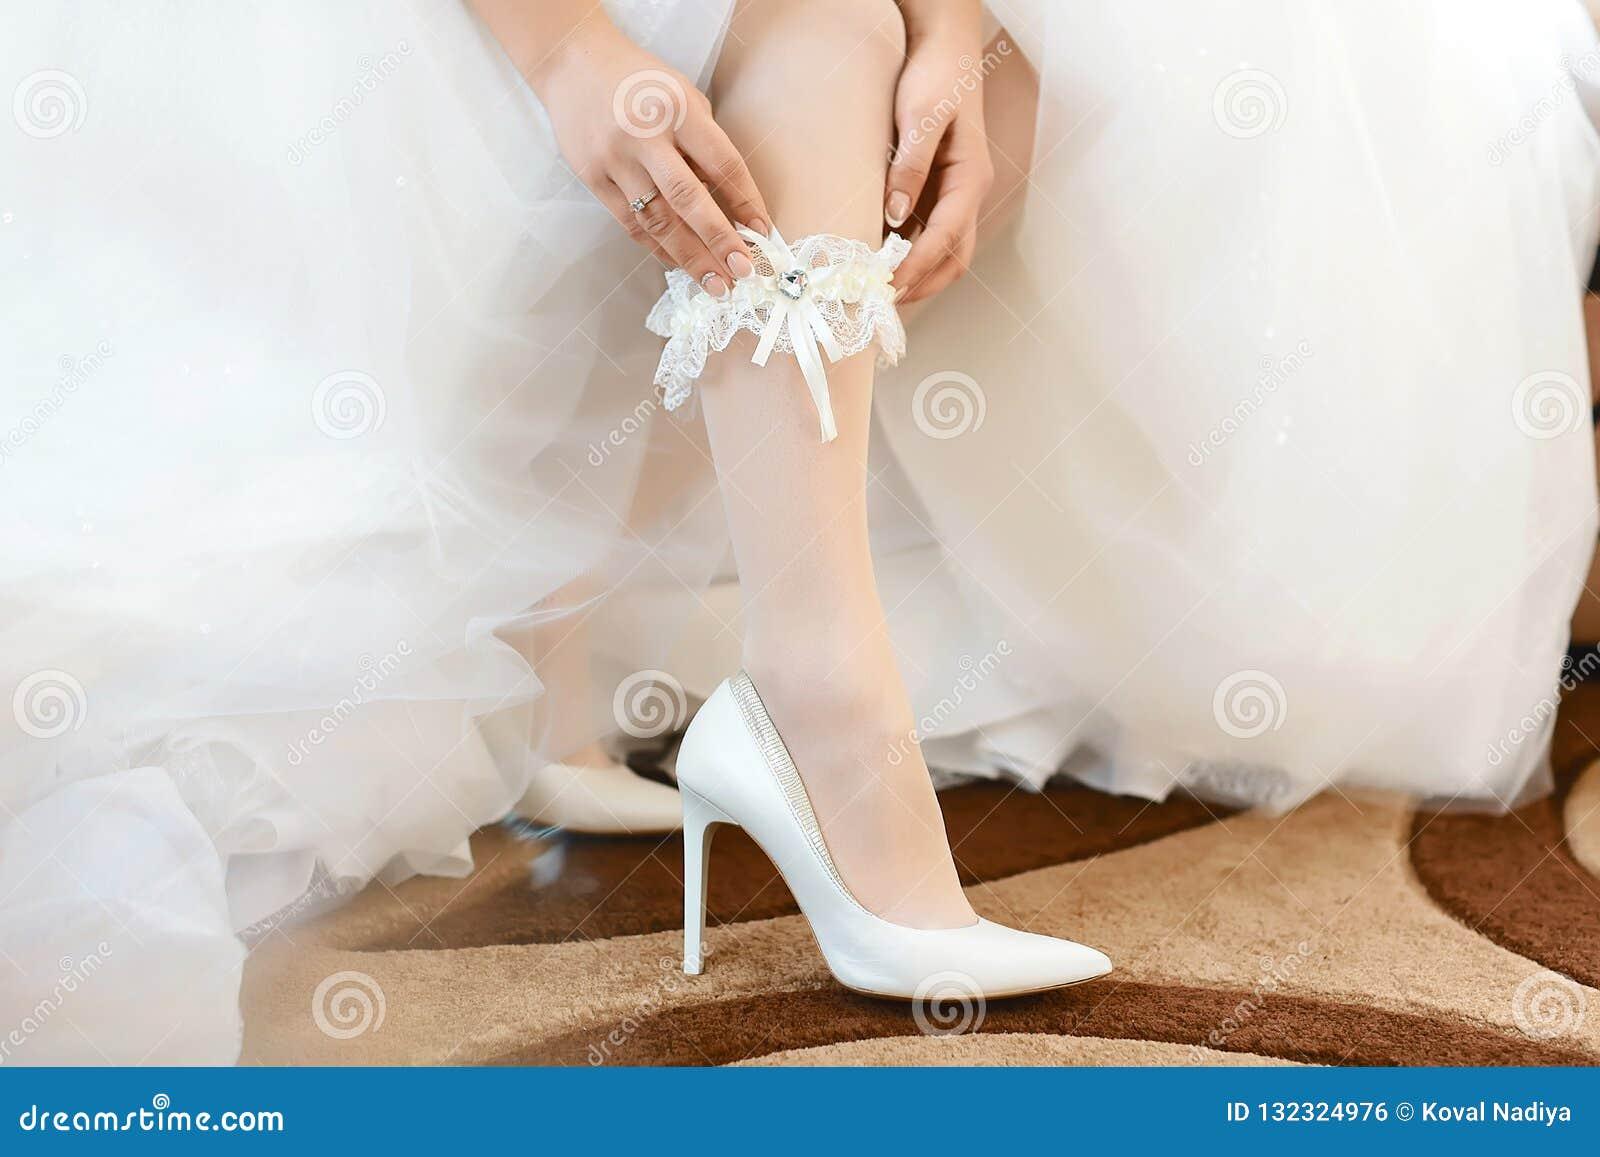 Di mattina, la sposa in calze e un vestito da sposa bianco in scarpe bianche del tallone indossa una giarrettiera sulla sua gamba